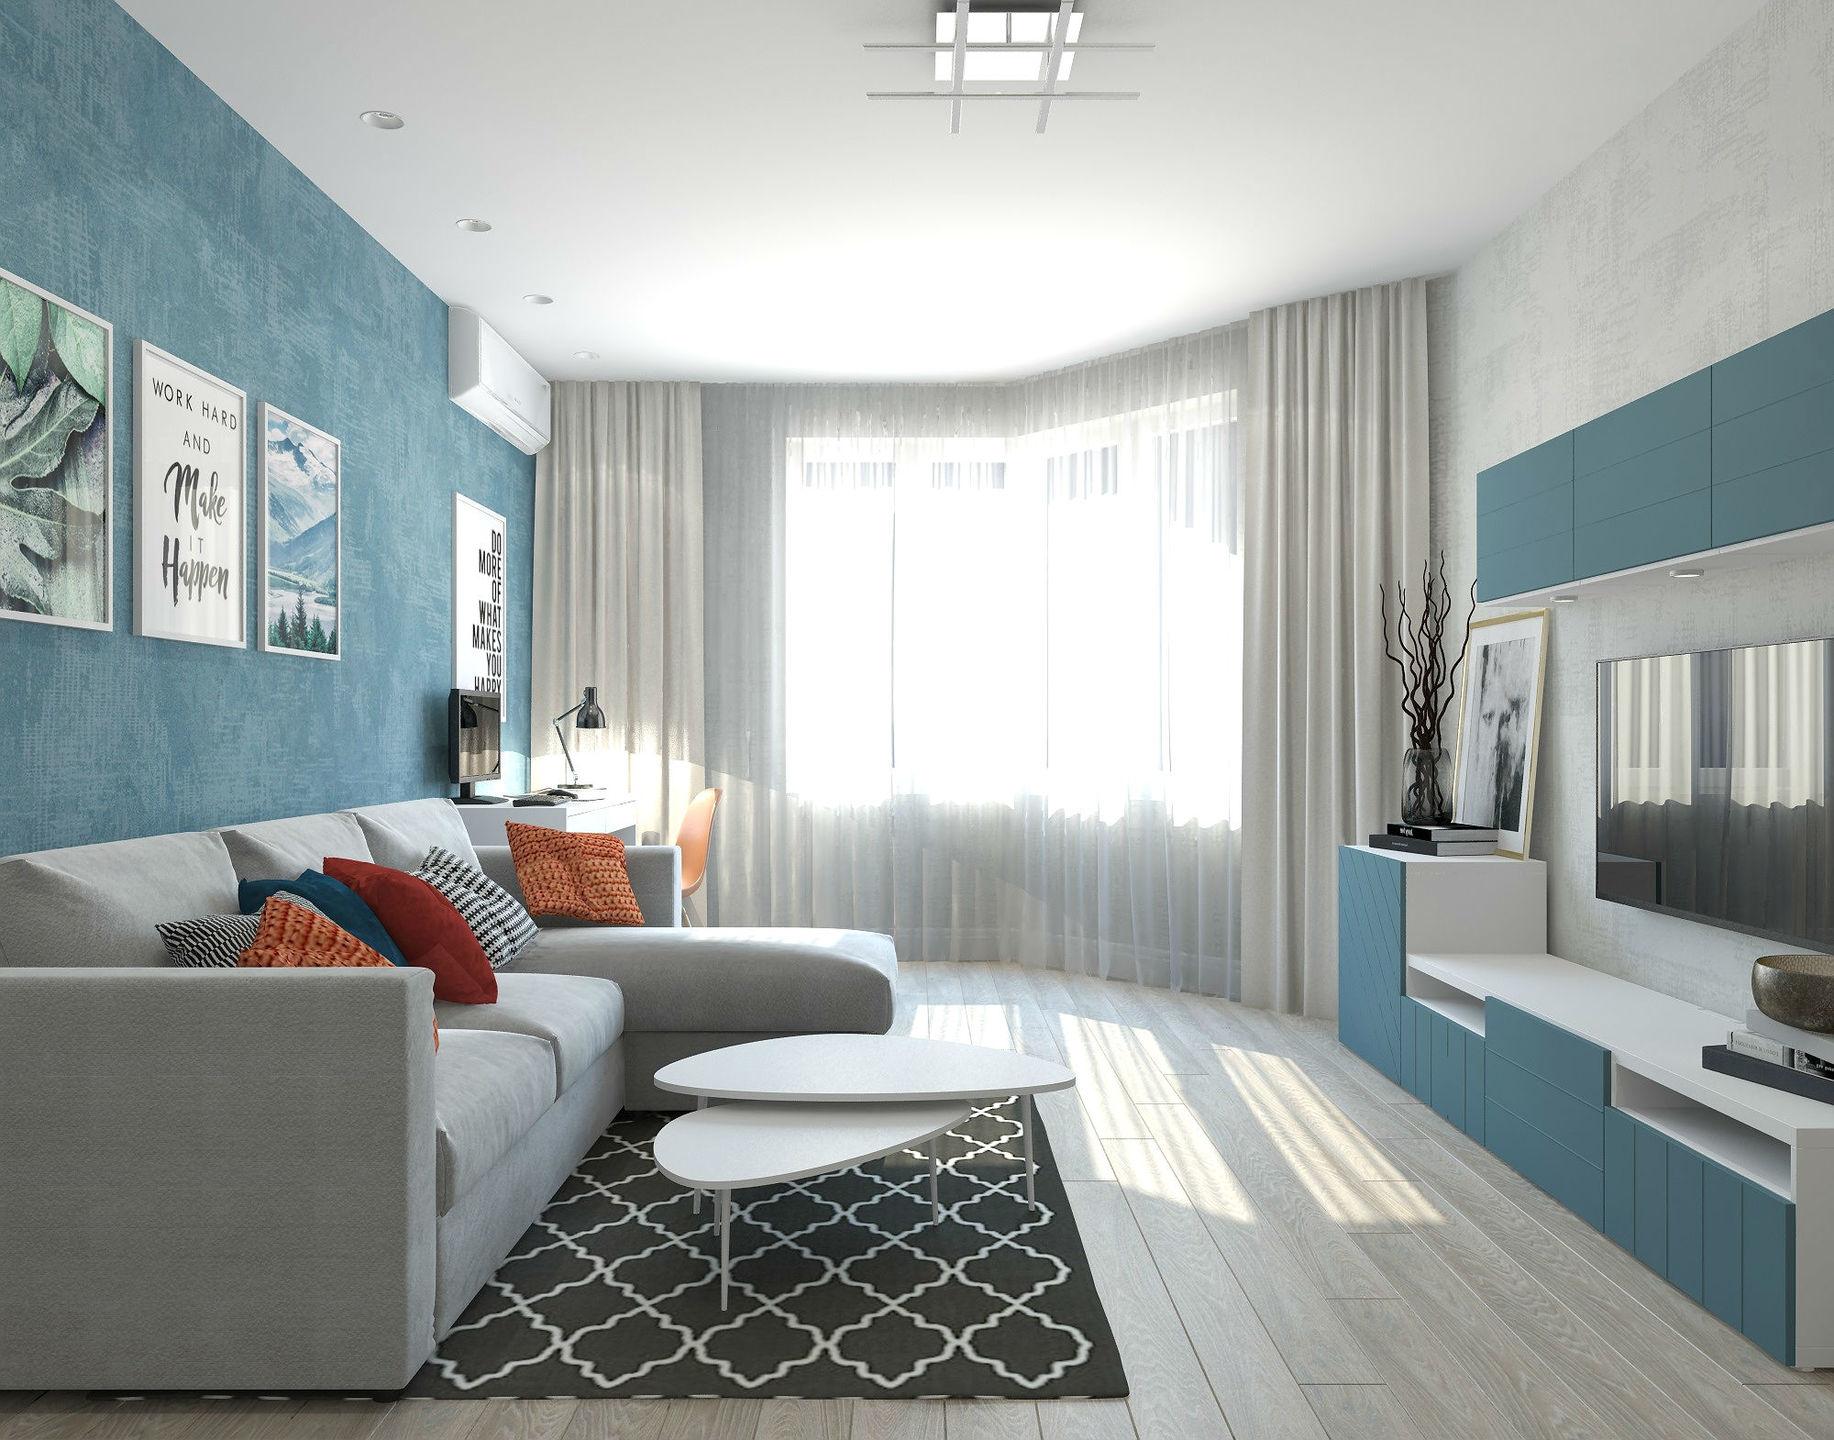 дизайн квартиры распашонки